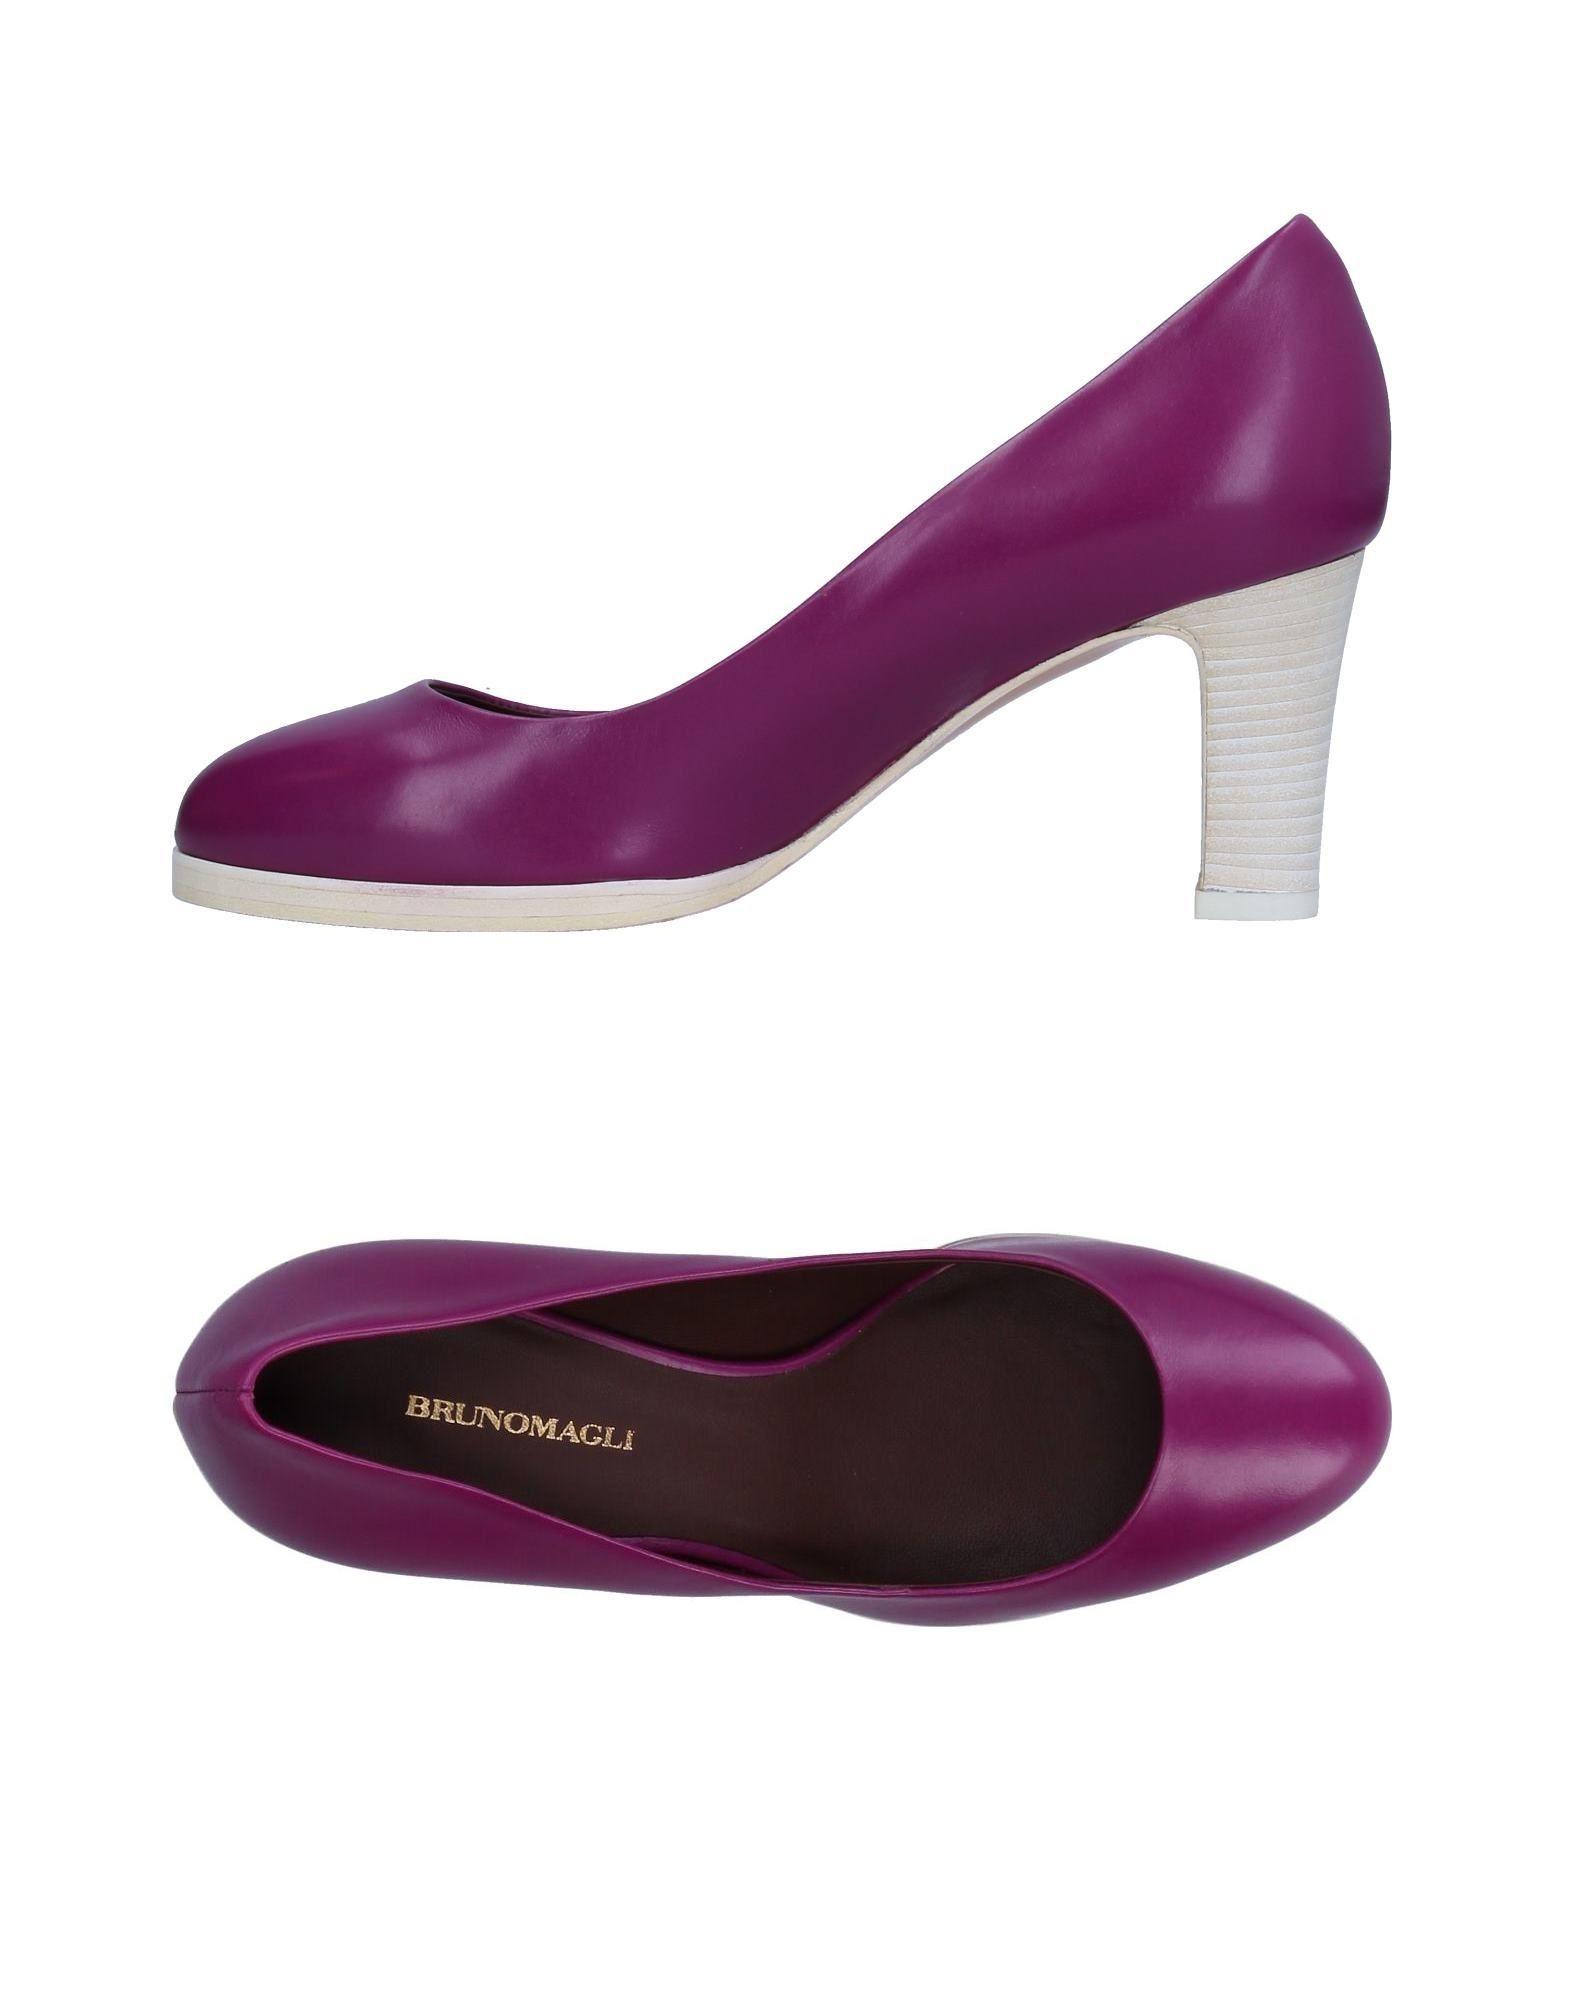 Bruno Magli Pumps Damen  11333691EO Gute Qualität beliebte Schuhe